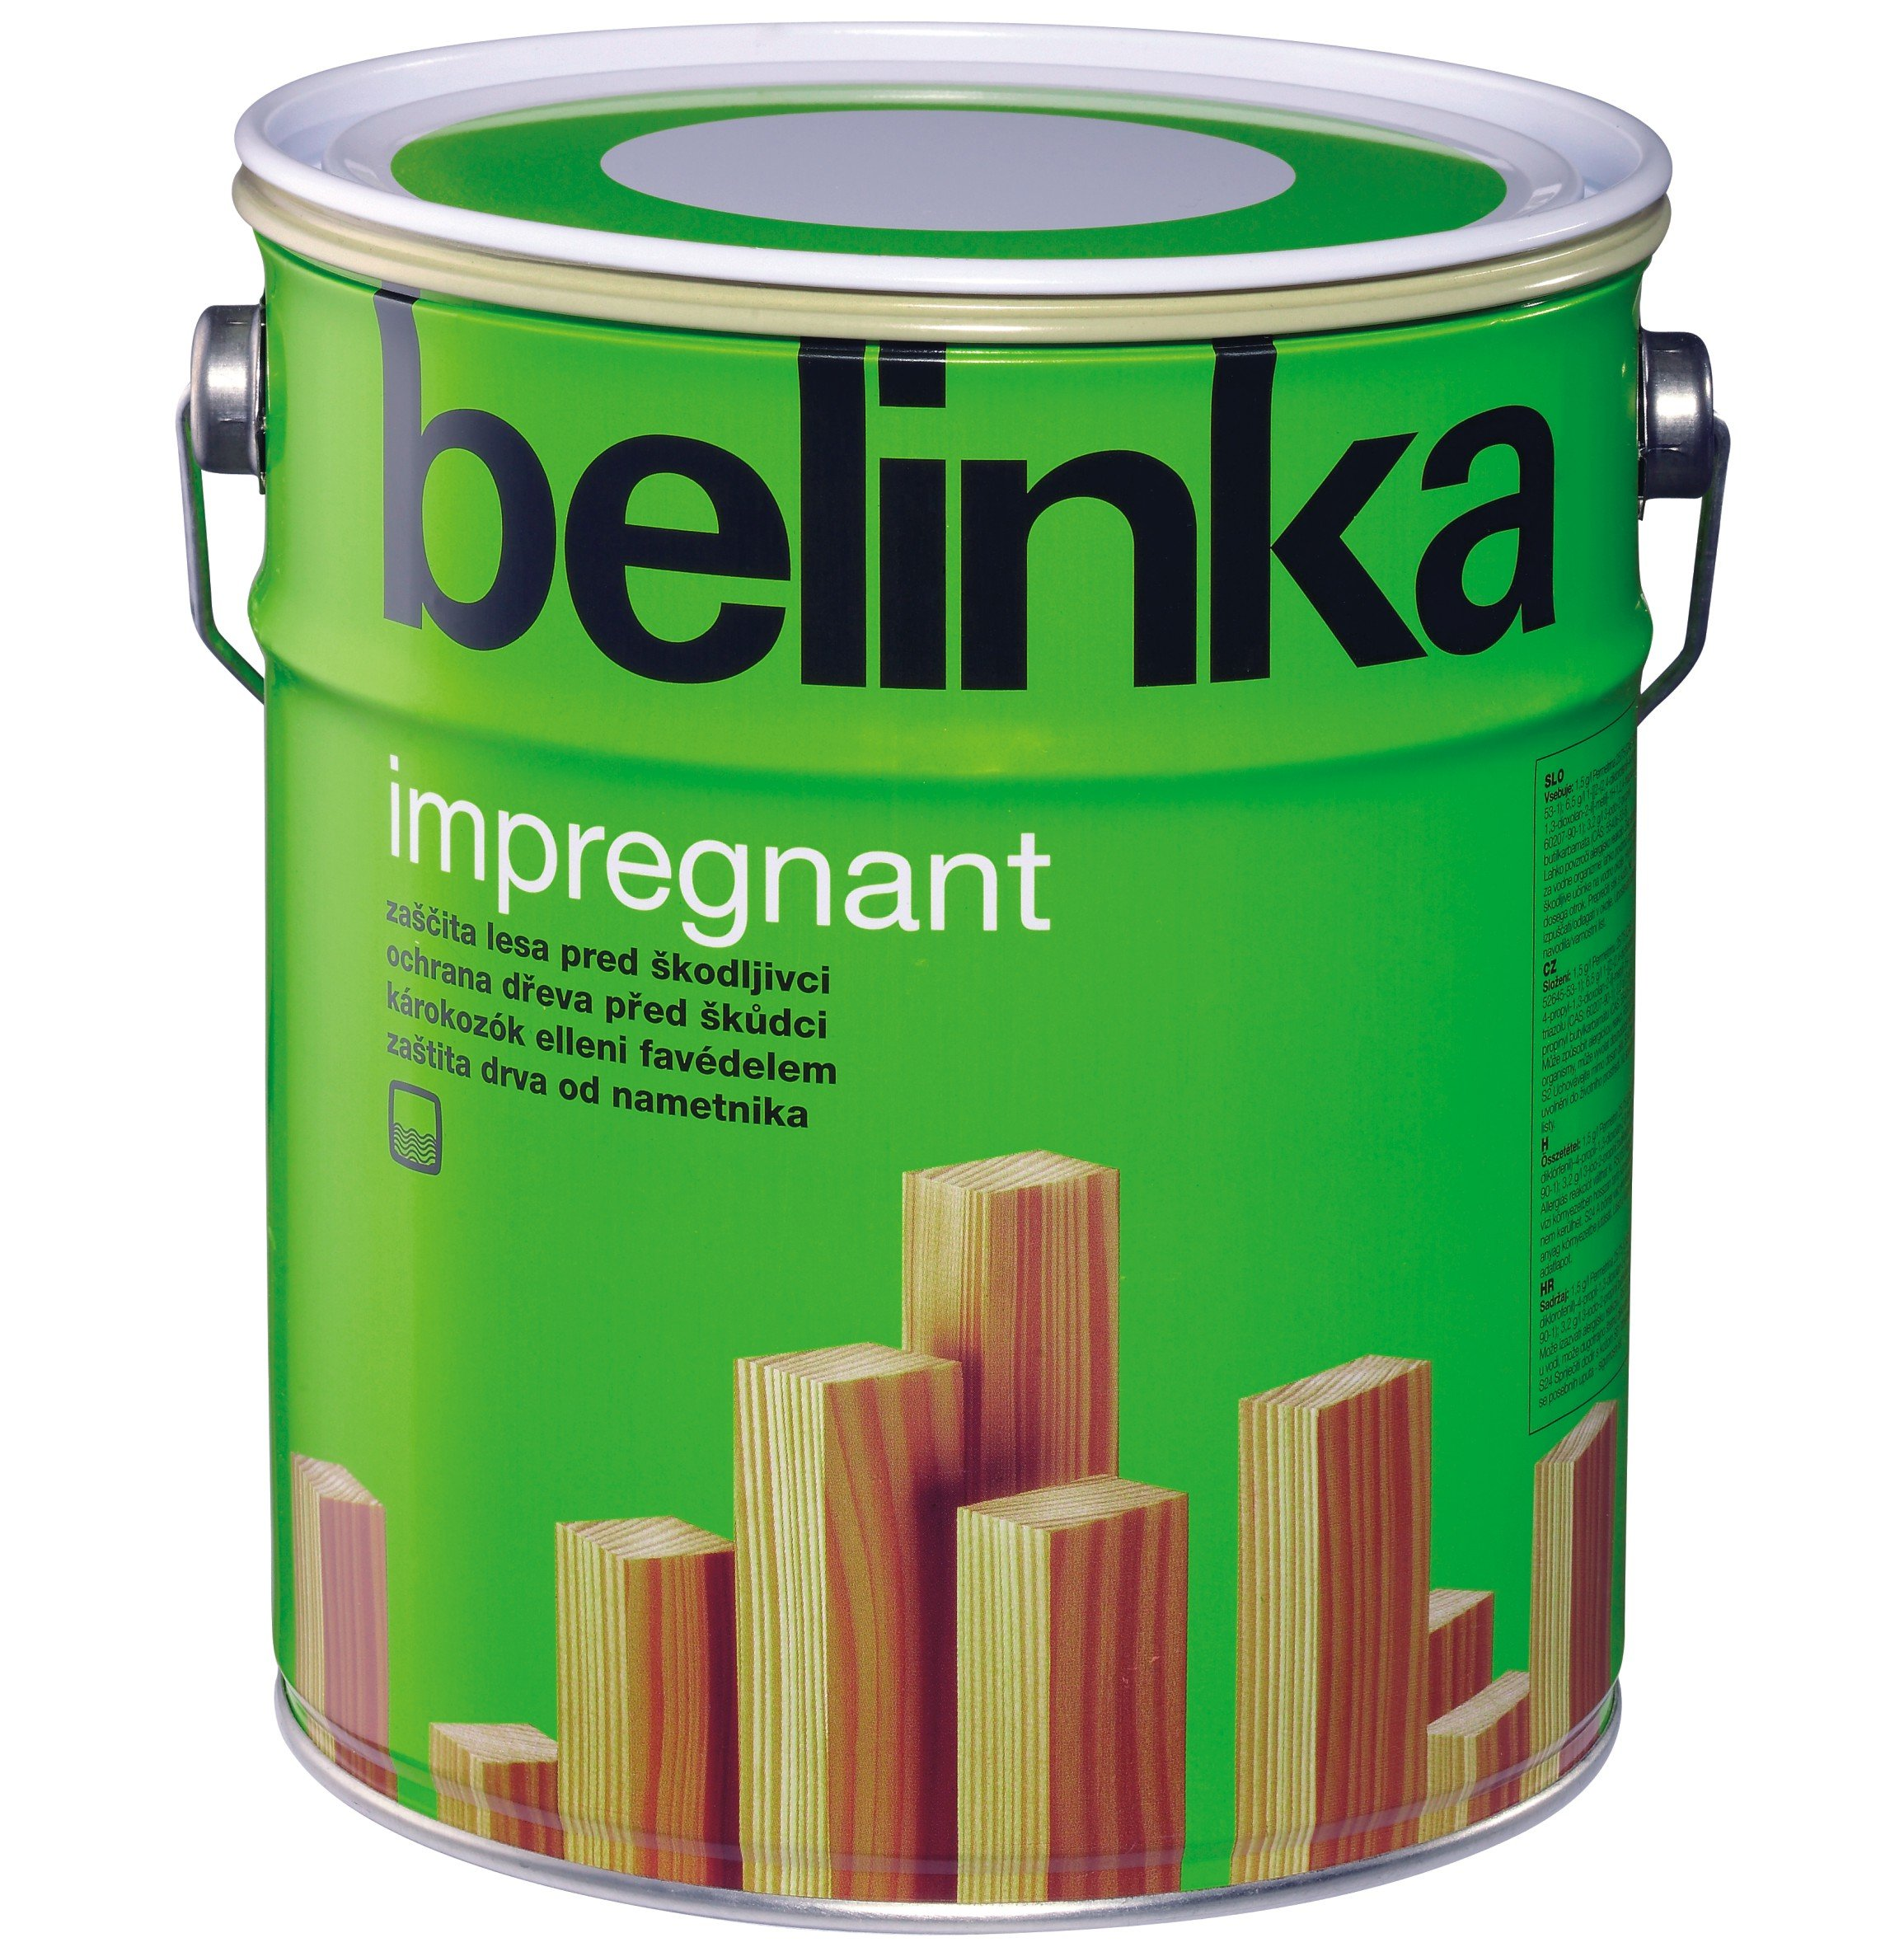 Belinka Impregnant - бесцветная грунтовка-антисептик на водной основе для древесины, 0.75 л., цвет 31 Графитно-серый